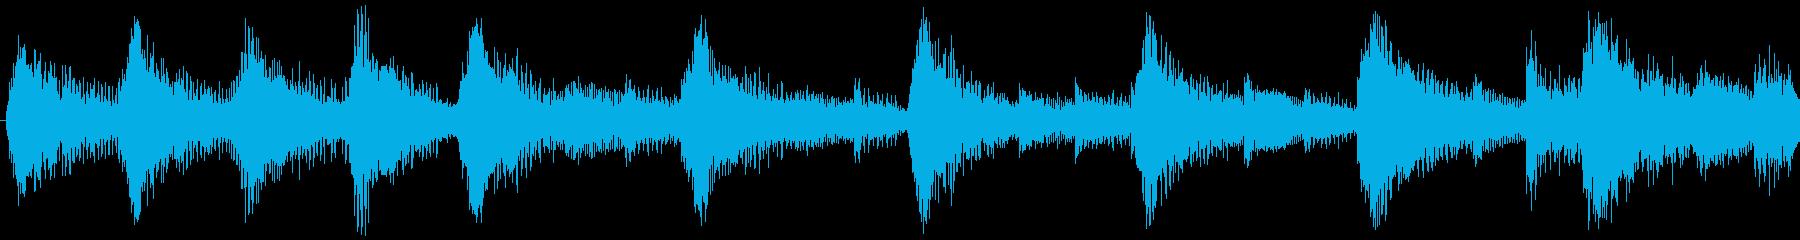 ハローウィン用のホラー曲-ループ5の再生済みの波形